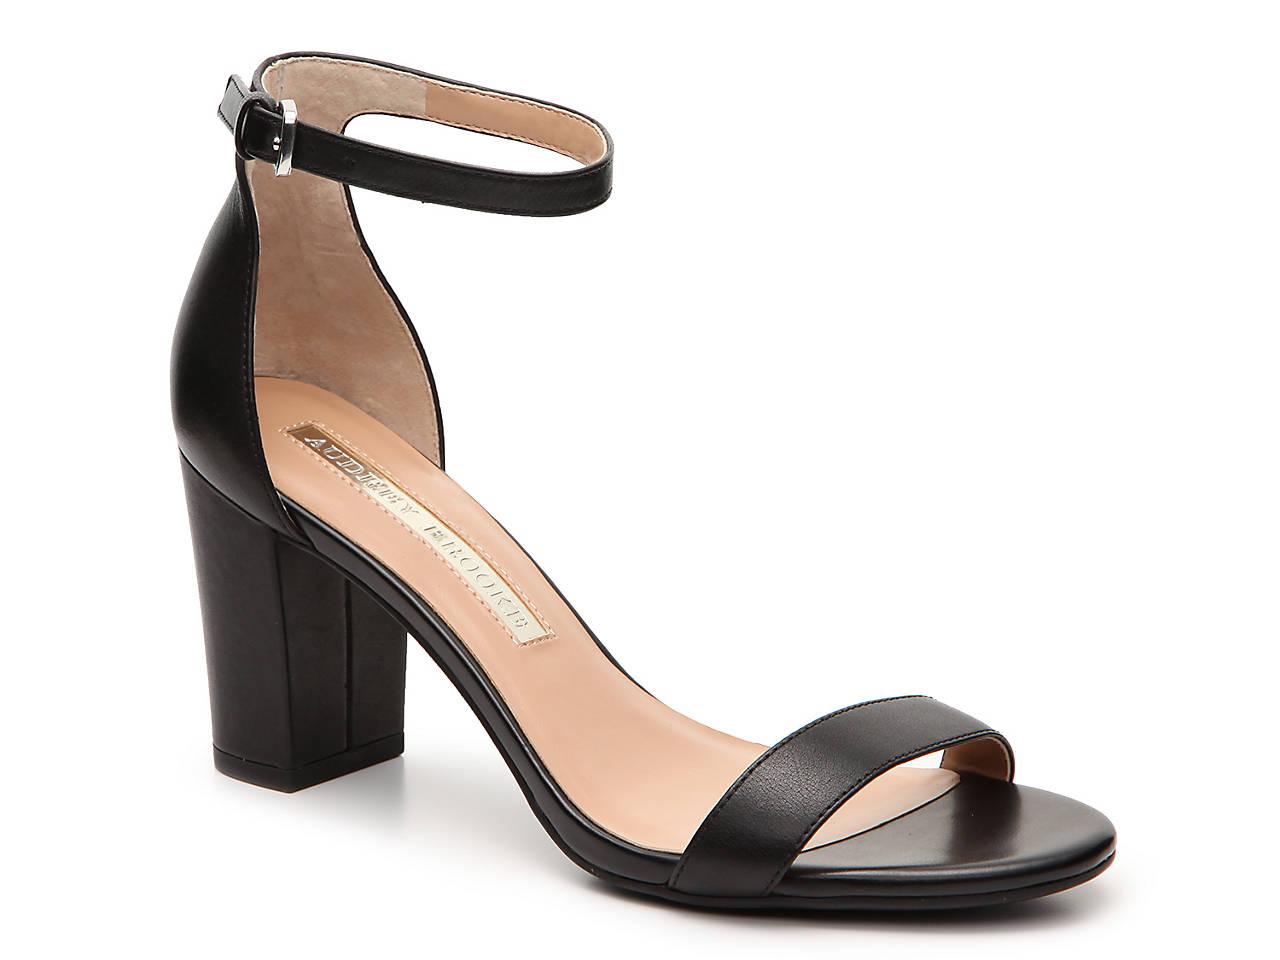 4c261b8200c Audrey Brooke Nadine Sandal Women s Shoes